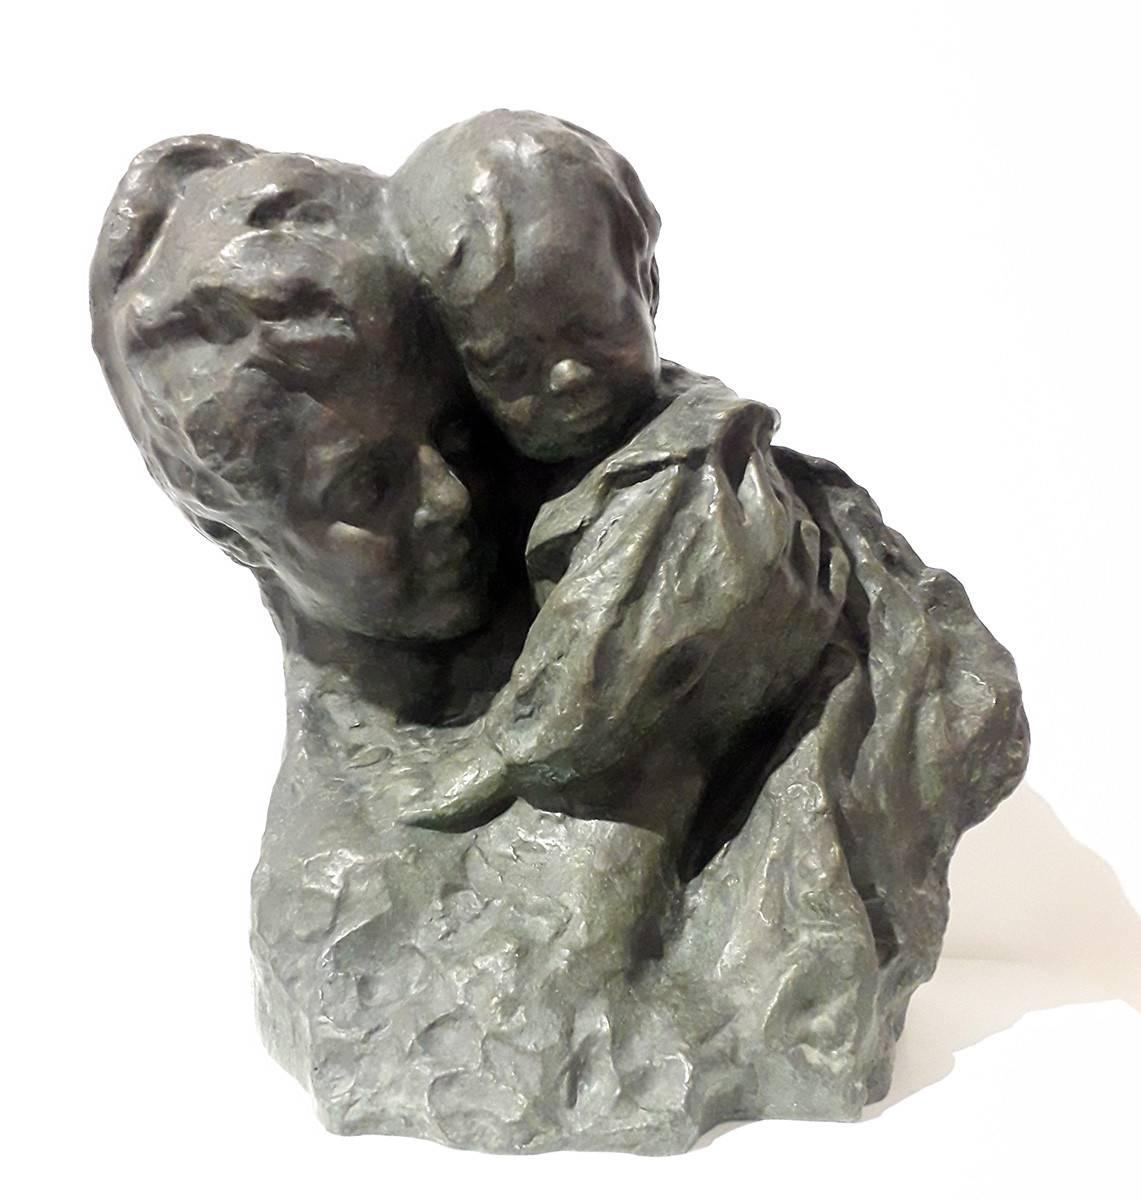 Obra ampliada: Maternidad - José Luis Zorrilla de San Martín